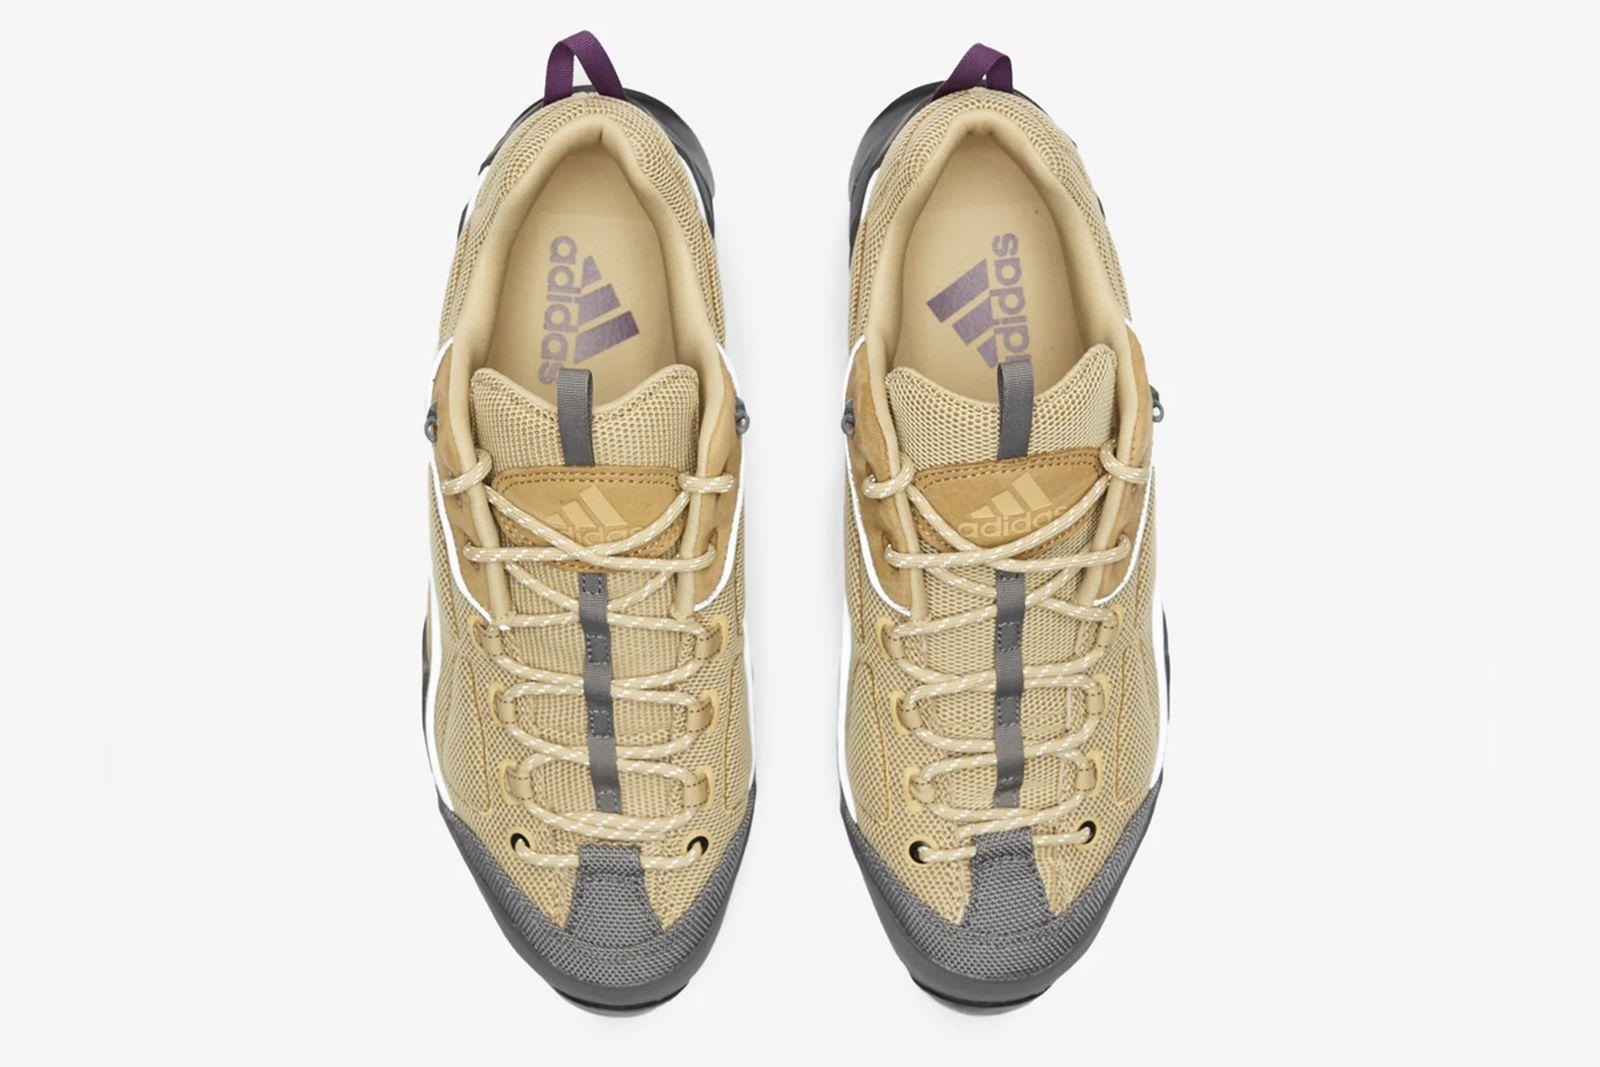 adidas-consortium-sahalex-release-date-price-08